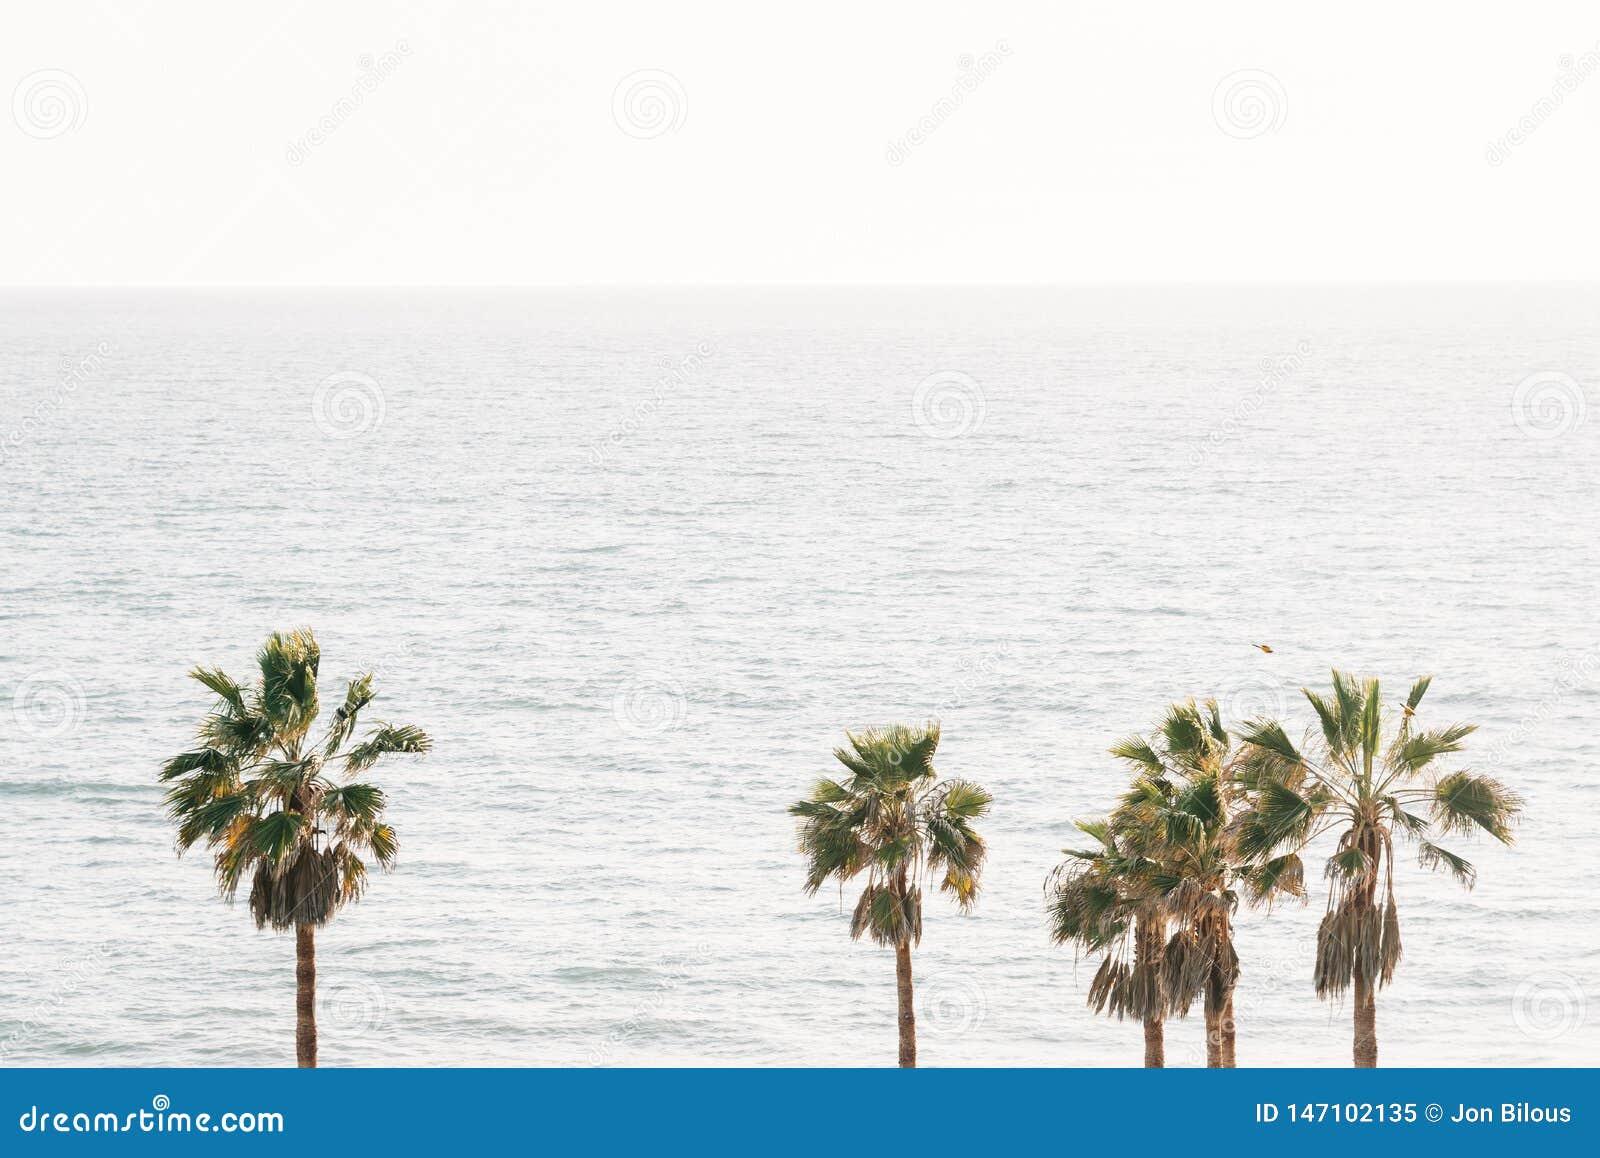 Φοίνικες και ο Ειρηνικός Ωκεανός στο Σαν Κλεμέντε, Κομητεία Orange, Καλιφόρνια